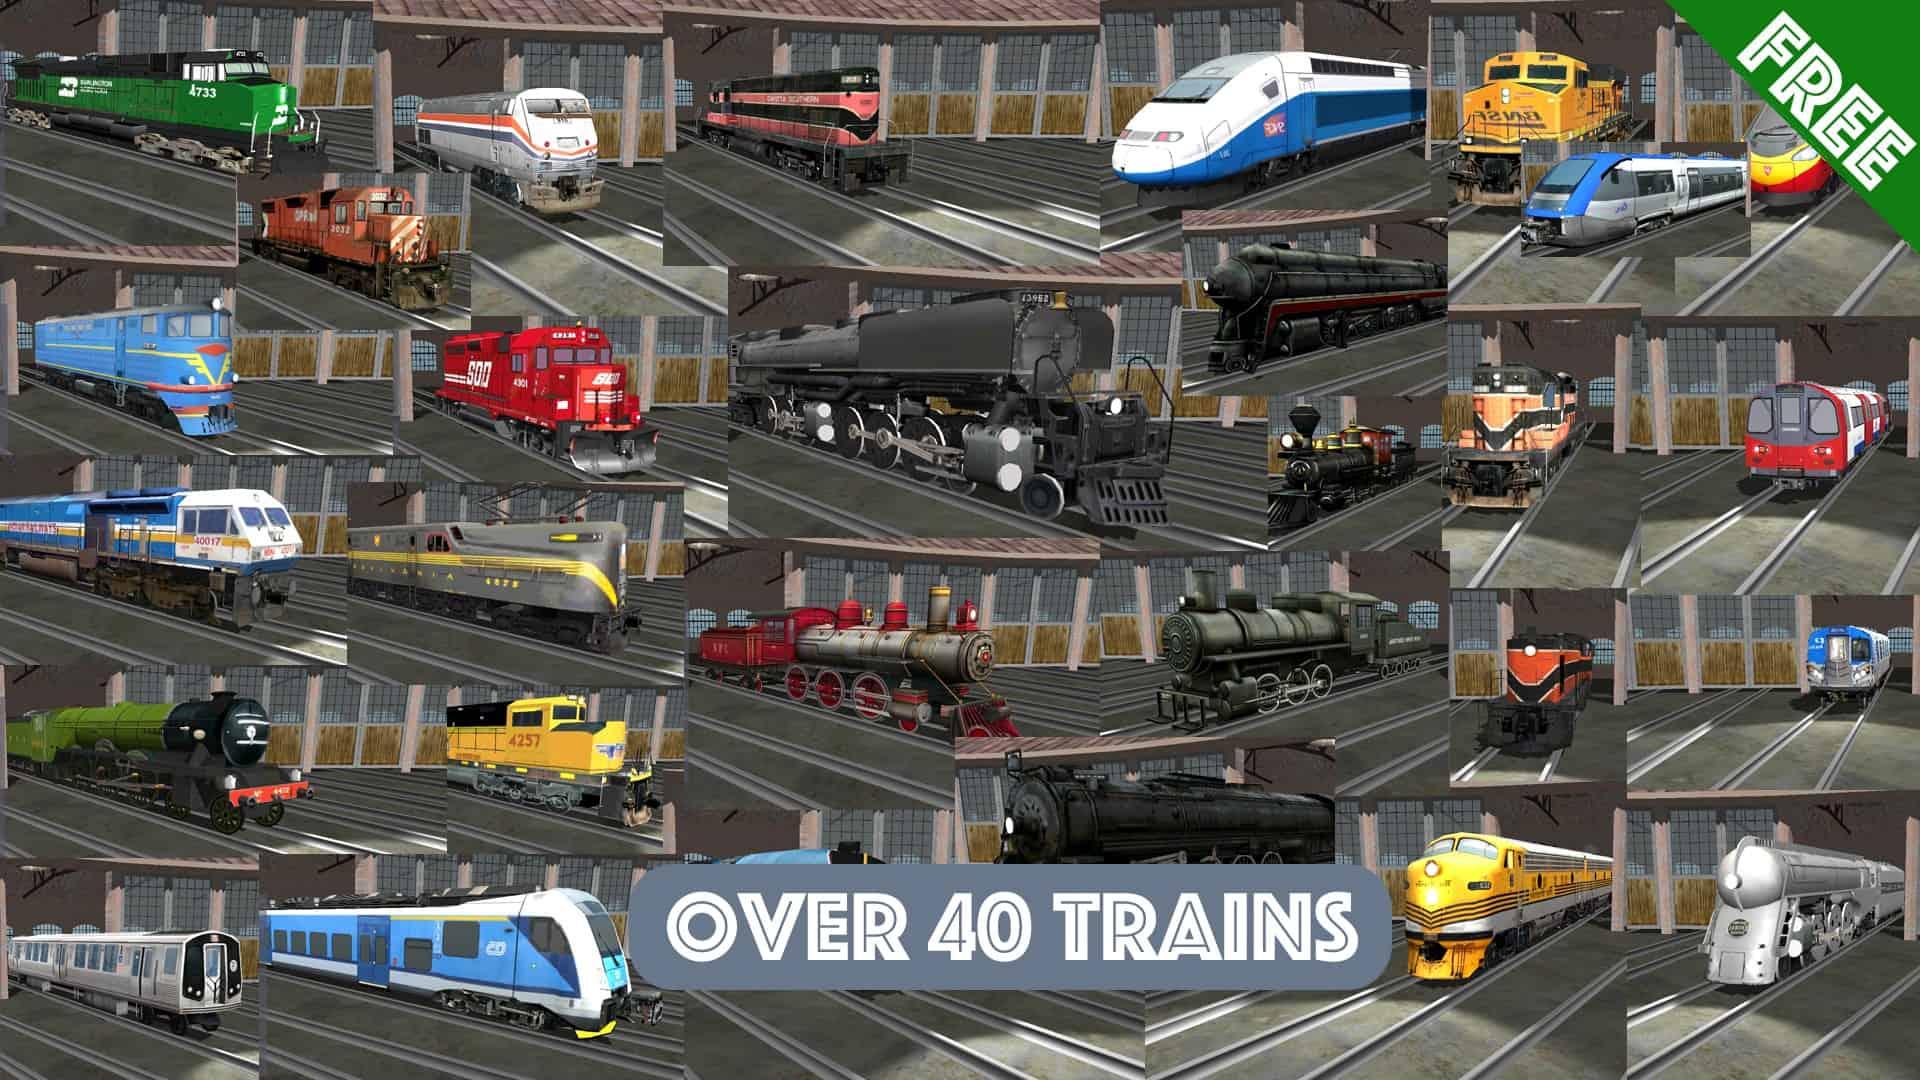 تحميل لعبة Train Sim للاندرويد أفضل لعبة محاكاة للقطارات